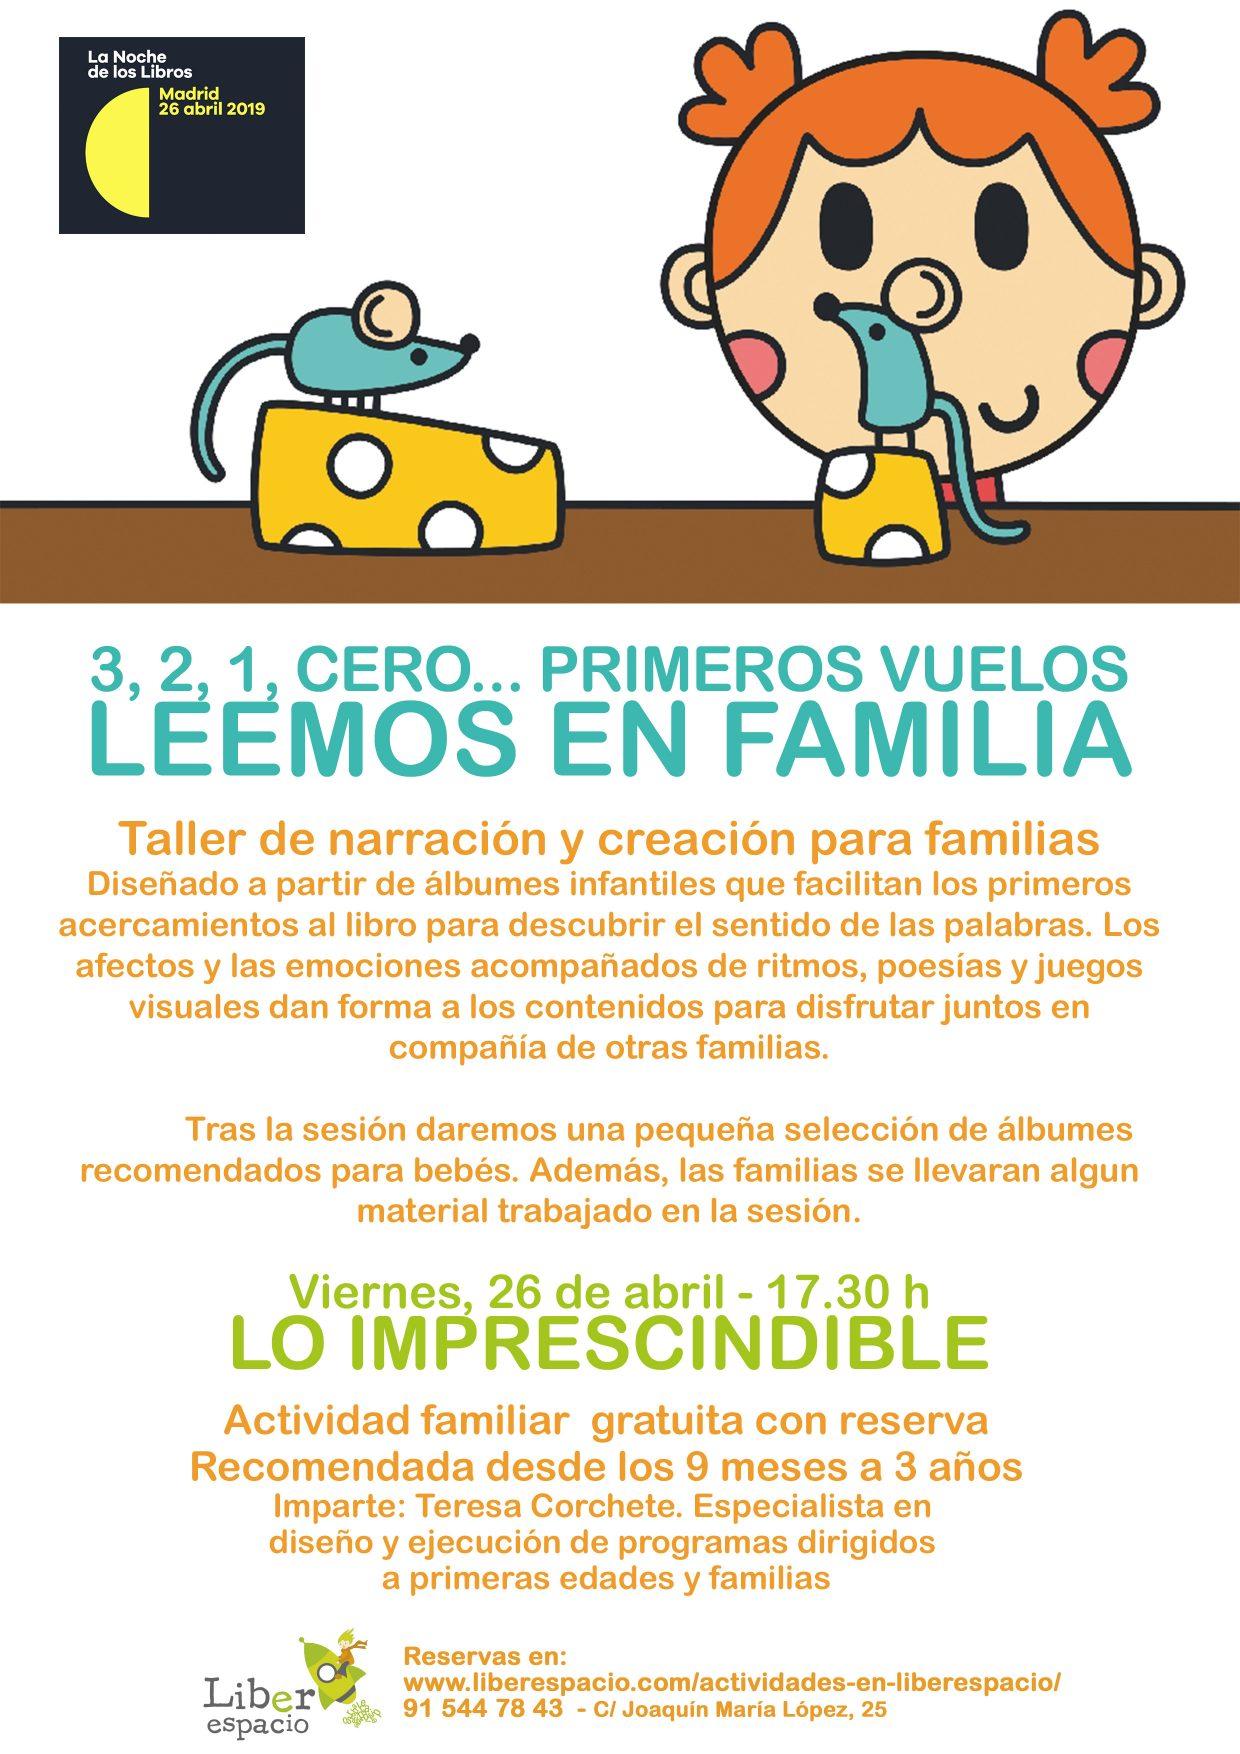 TALLER ESPECIALDE LEEMOS EN FAMILIA PARA LA NOCHE DE LOS LIBROS